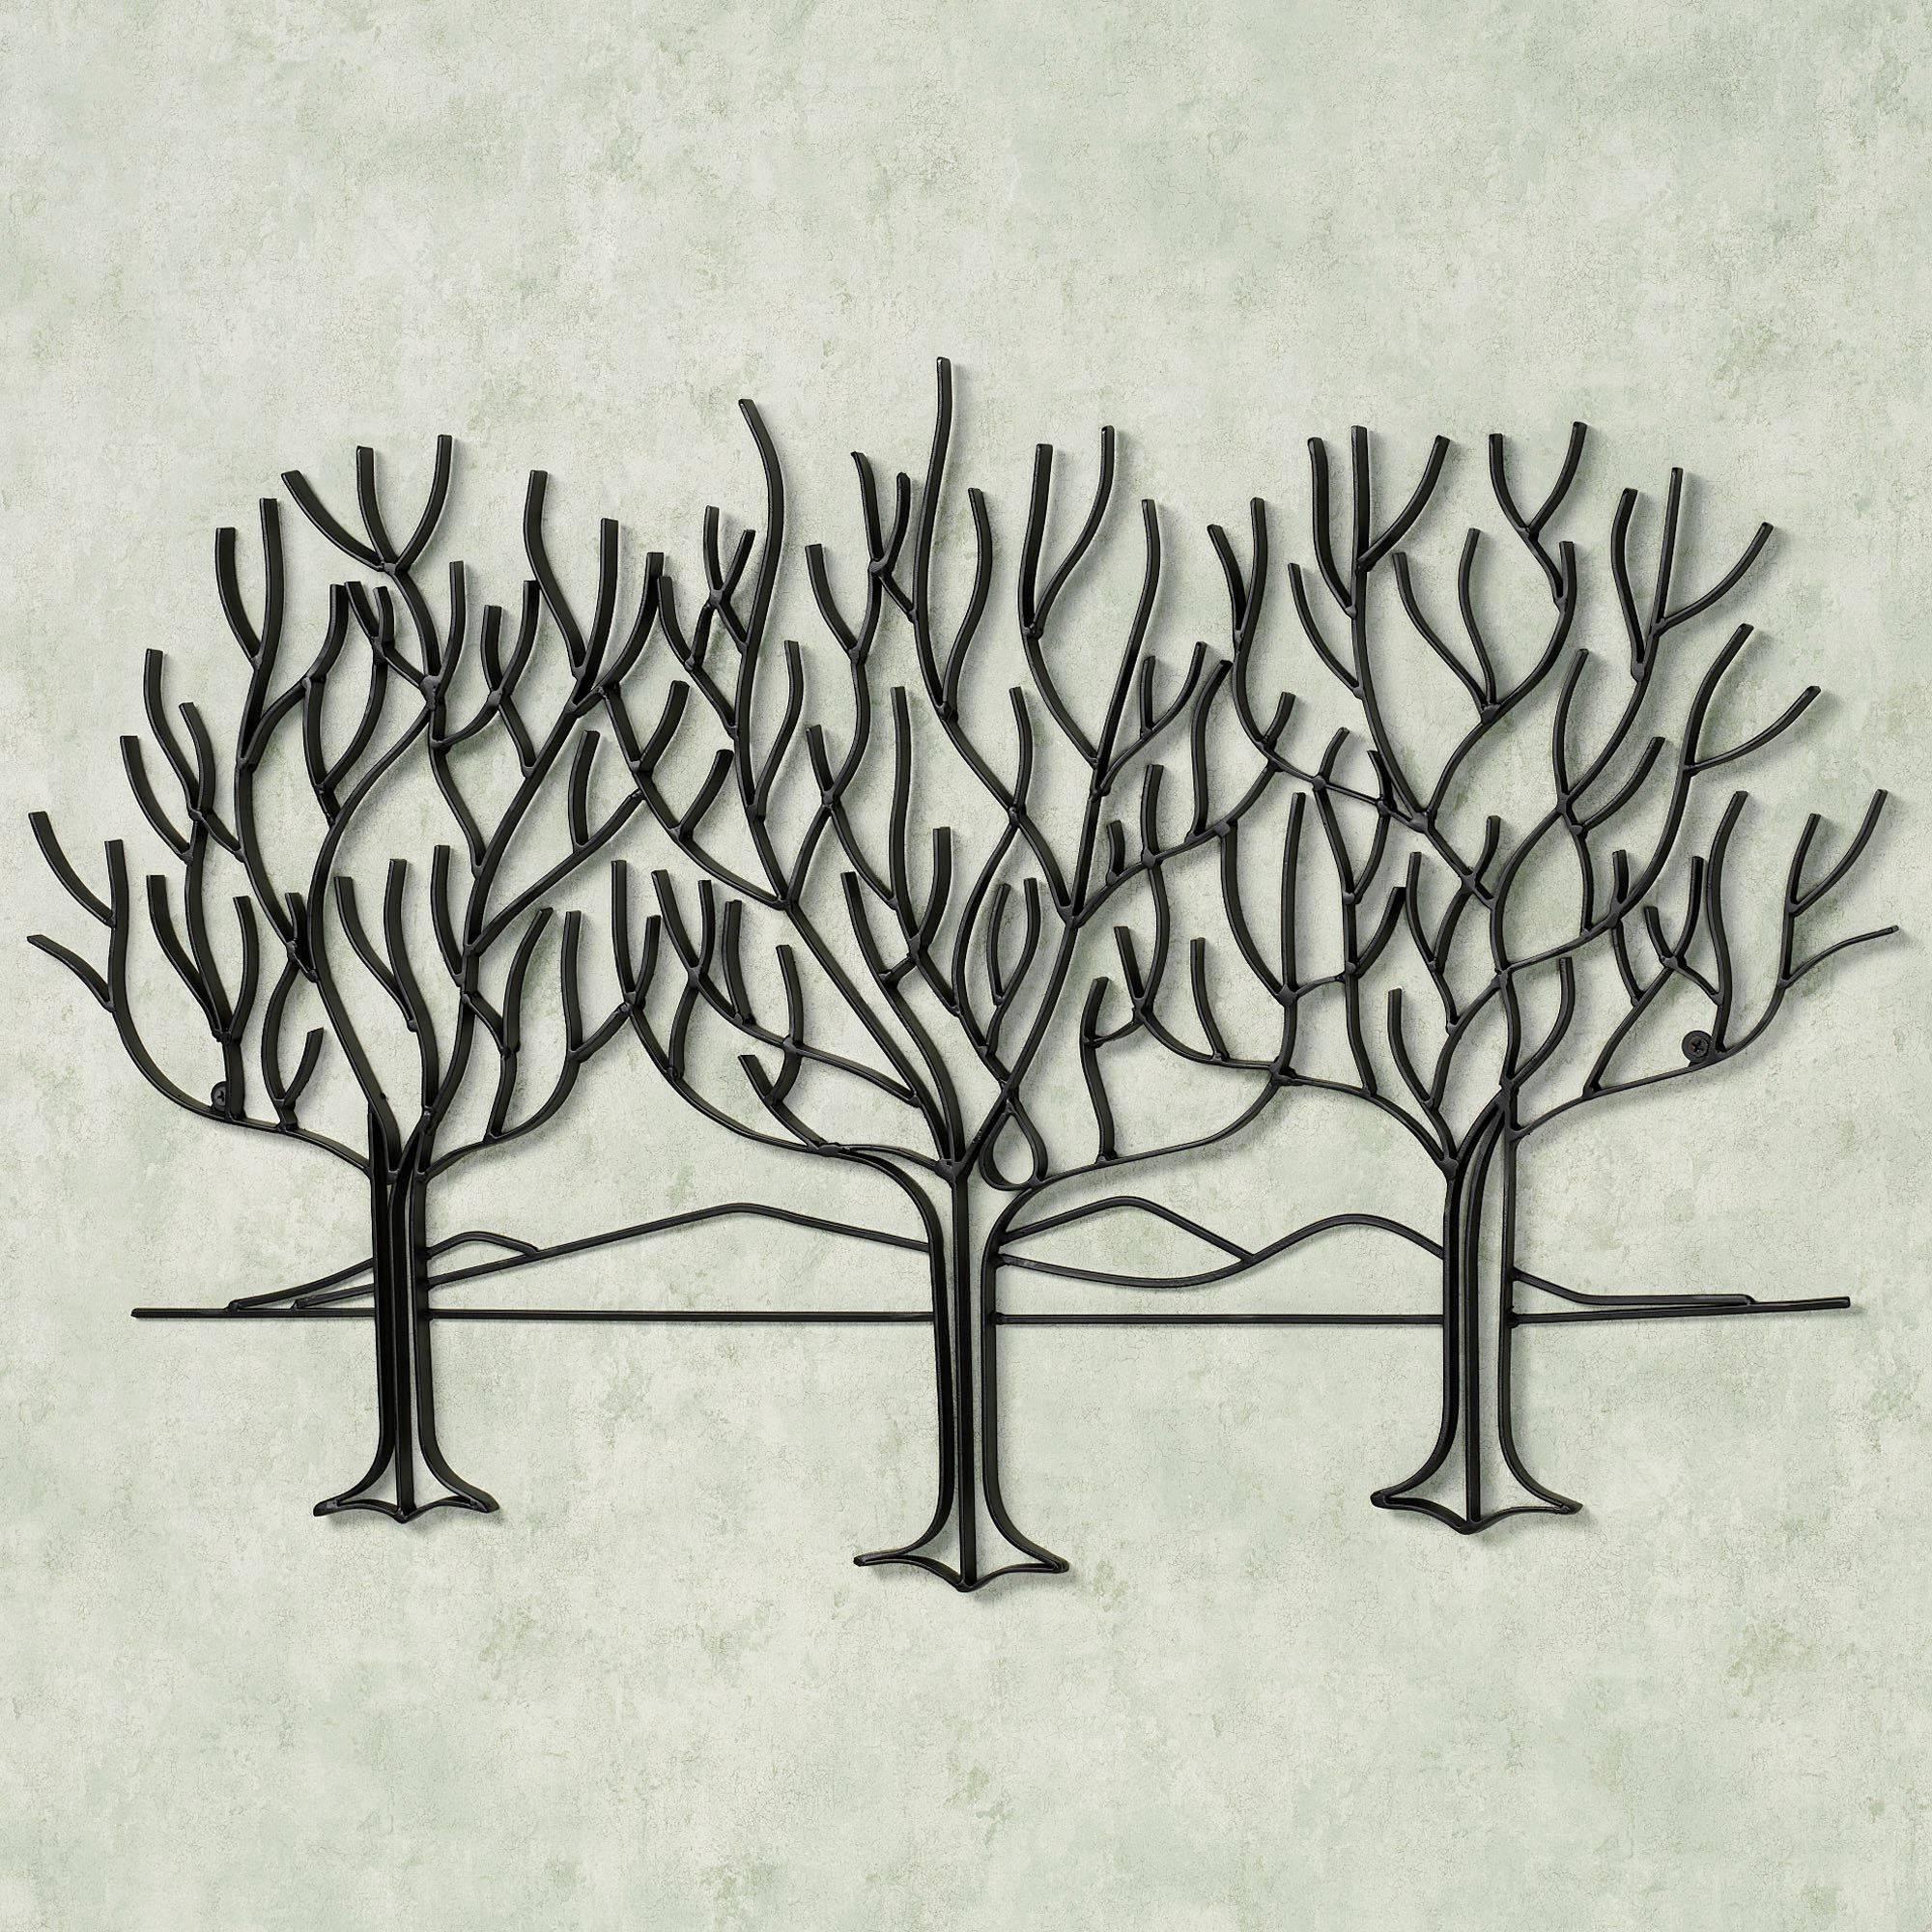 Wall Art Designs: Metal Wall Art Trees Black Metal Wall Art Olive Regarding Current Palm Tree Metal Wall Art (View 6 of 20)